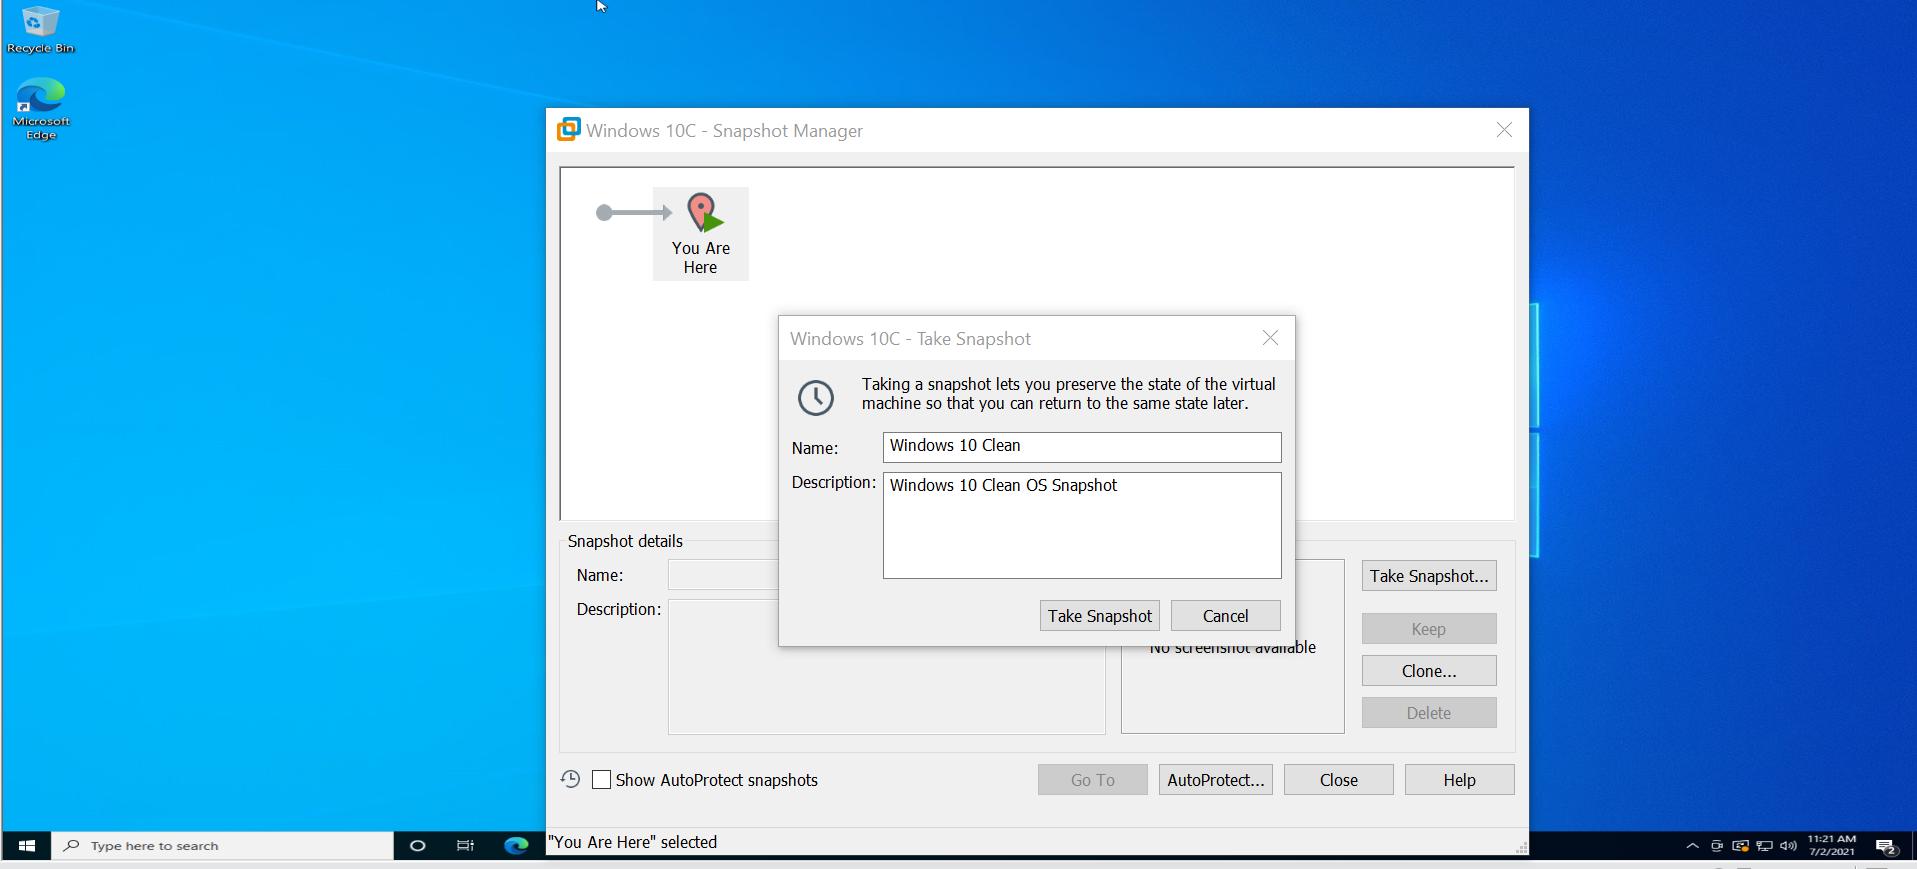 Windows 10 Clean OS Snapshot